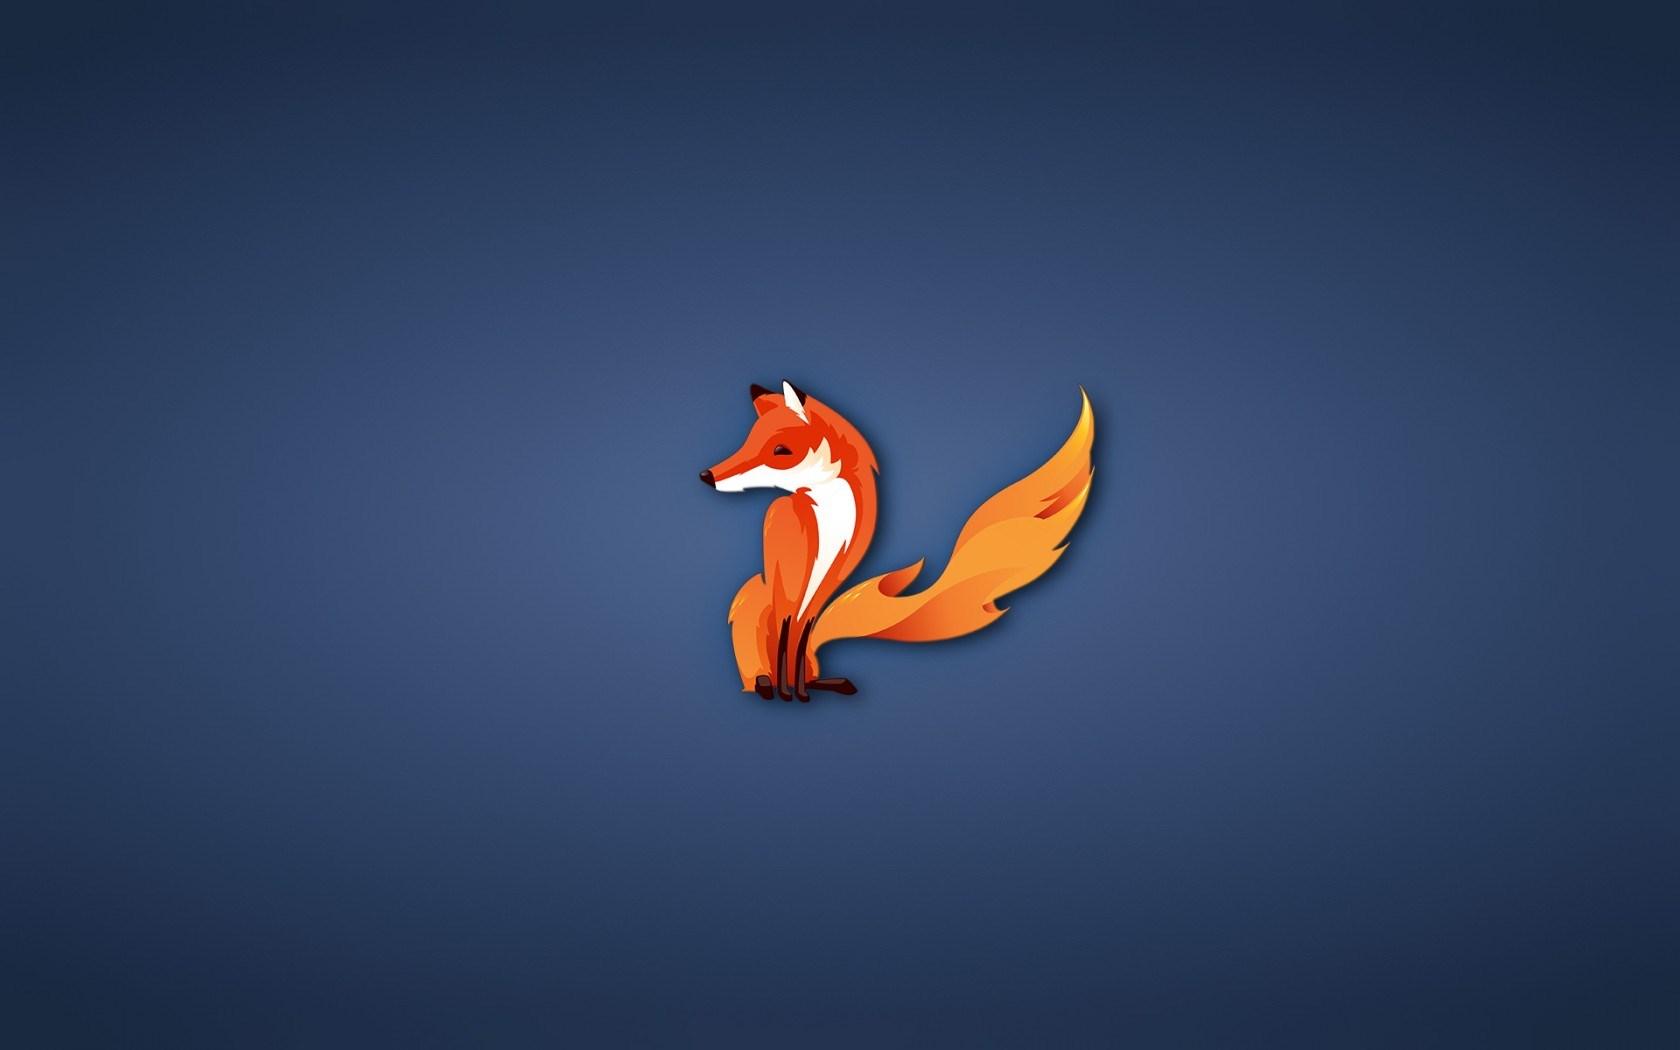 Fox Animal Minimalism